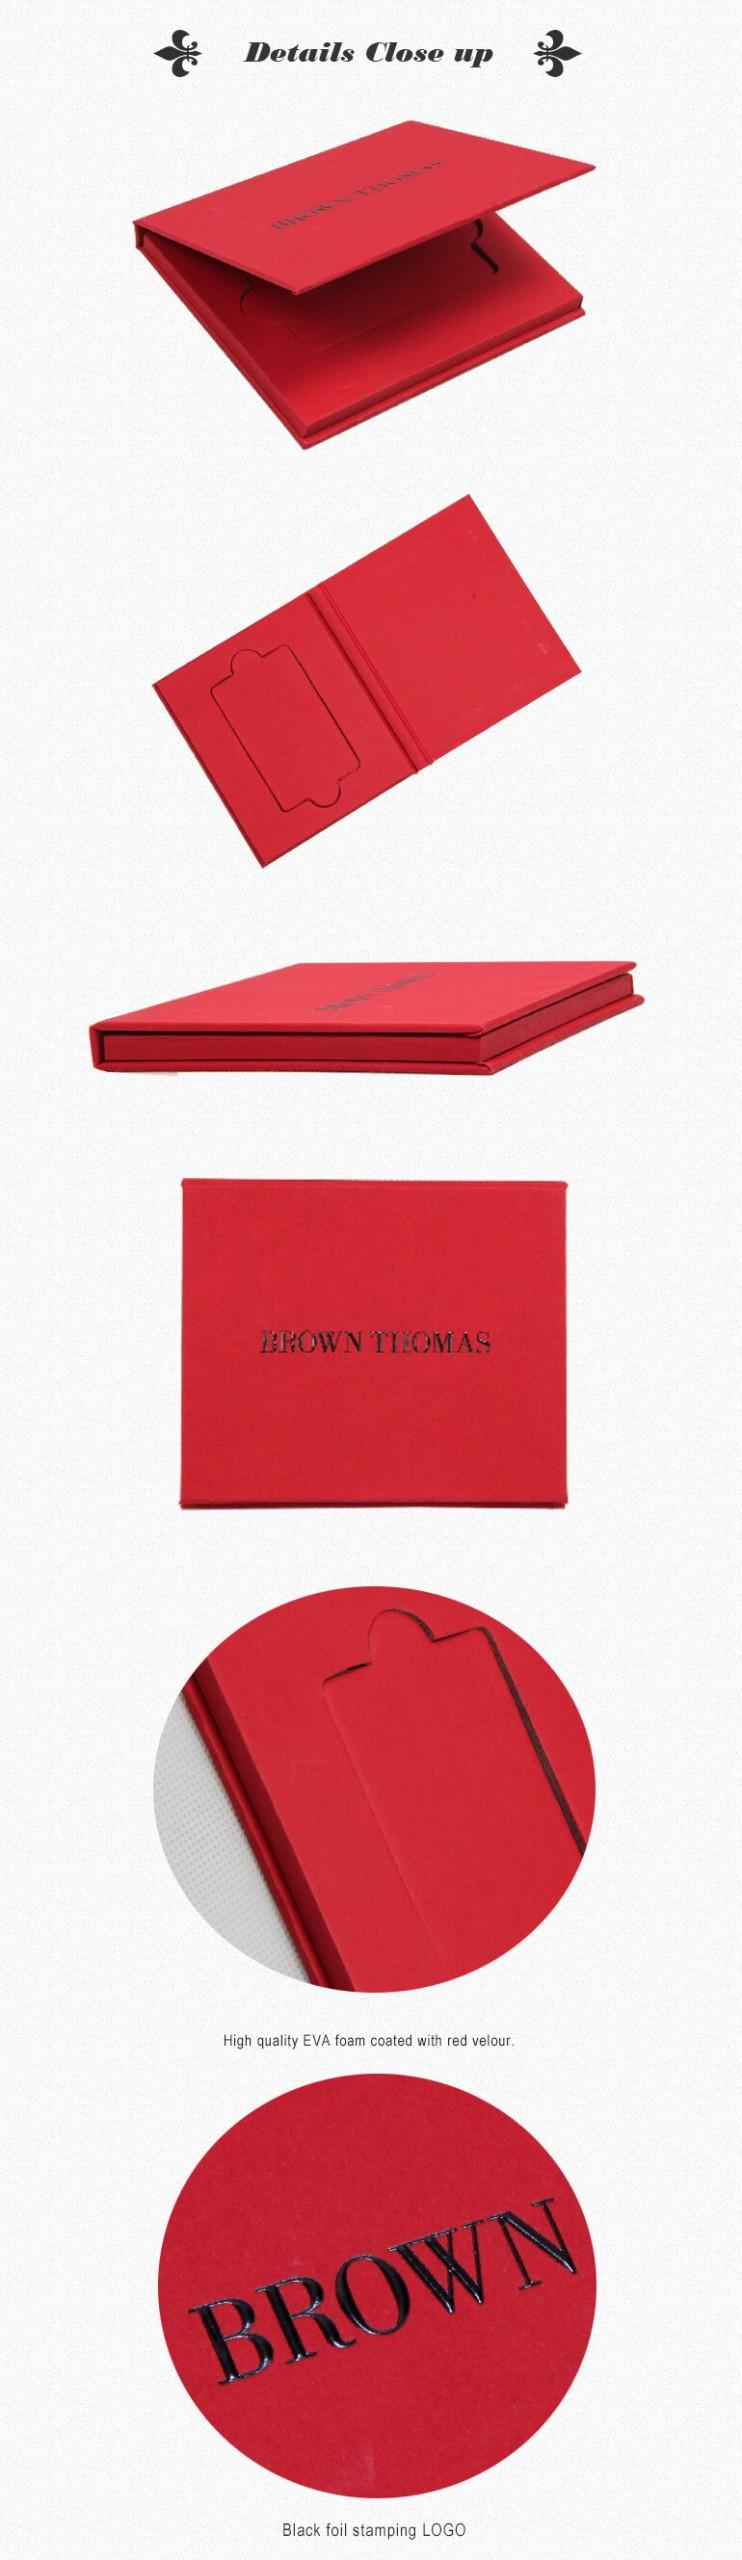 Black Foil Stamping Member Card Packaging Box